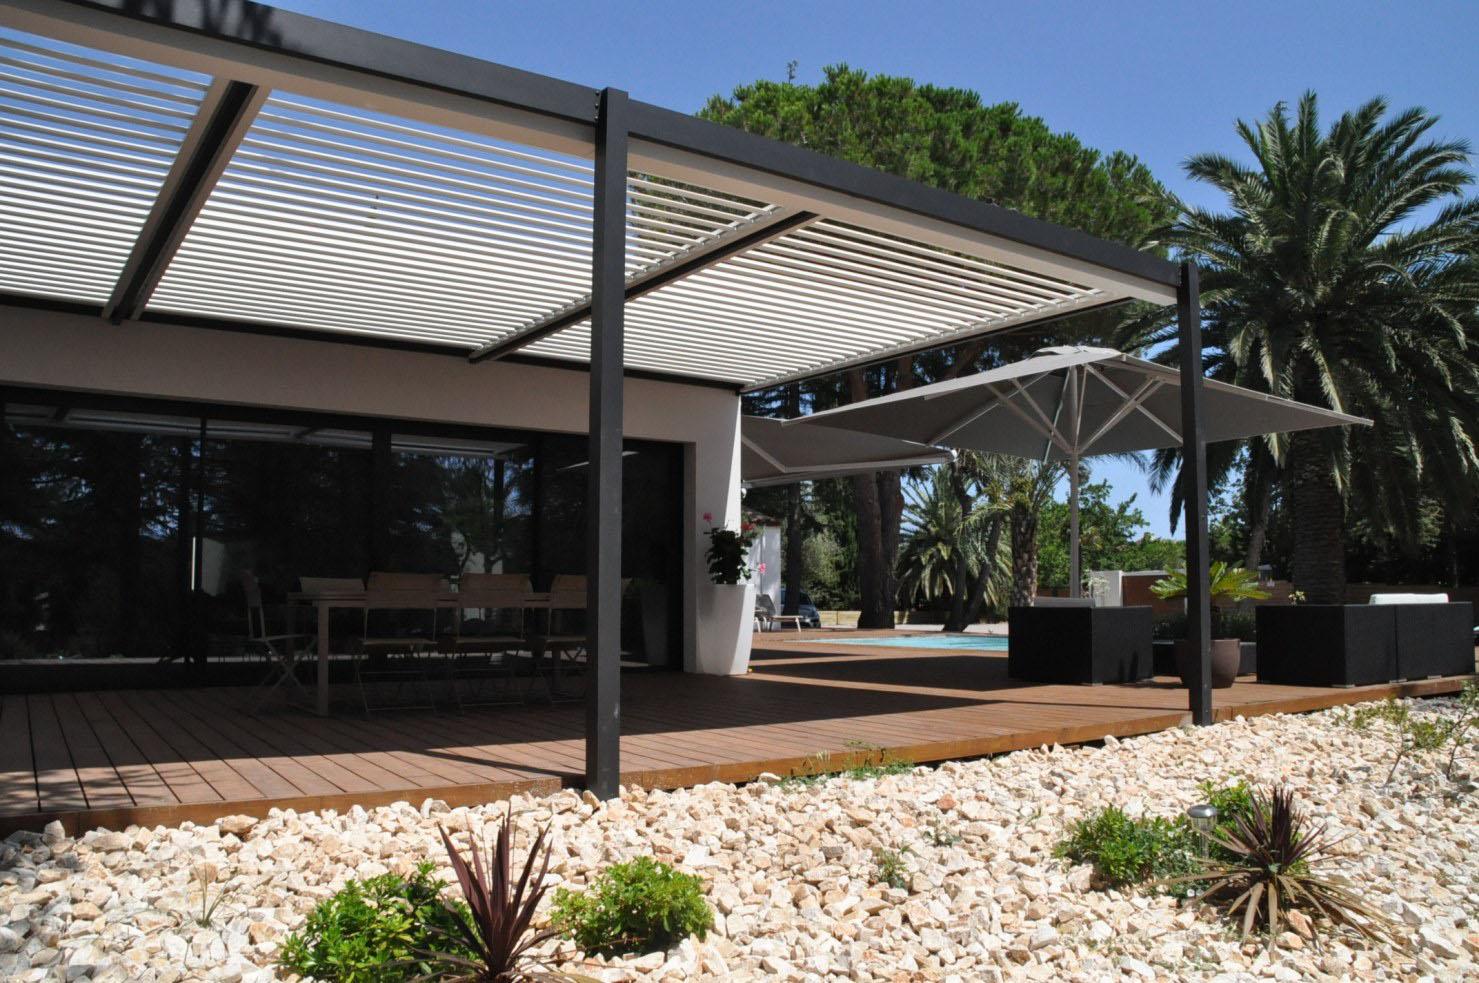 realizzazioni di gazebo apribili con struttura in legno solisysteme pergola bioclimatica. Black Bedroom Furniture Sets. Home Design Ideas